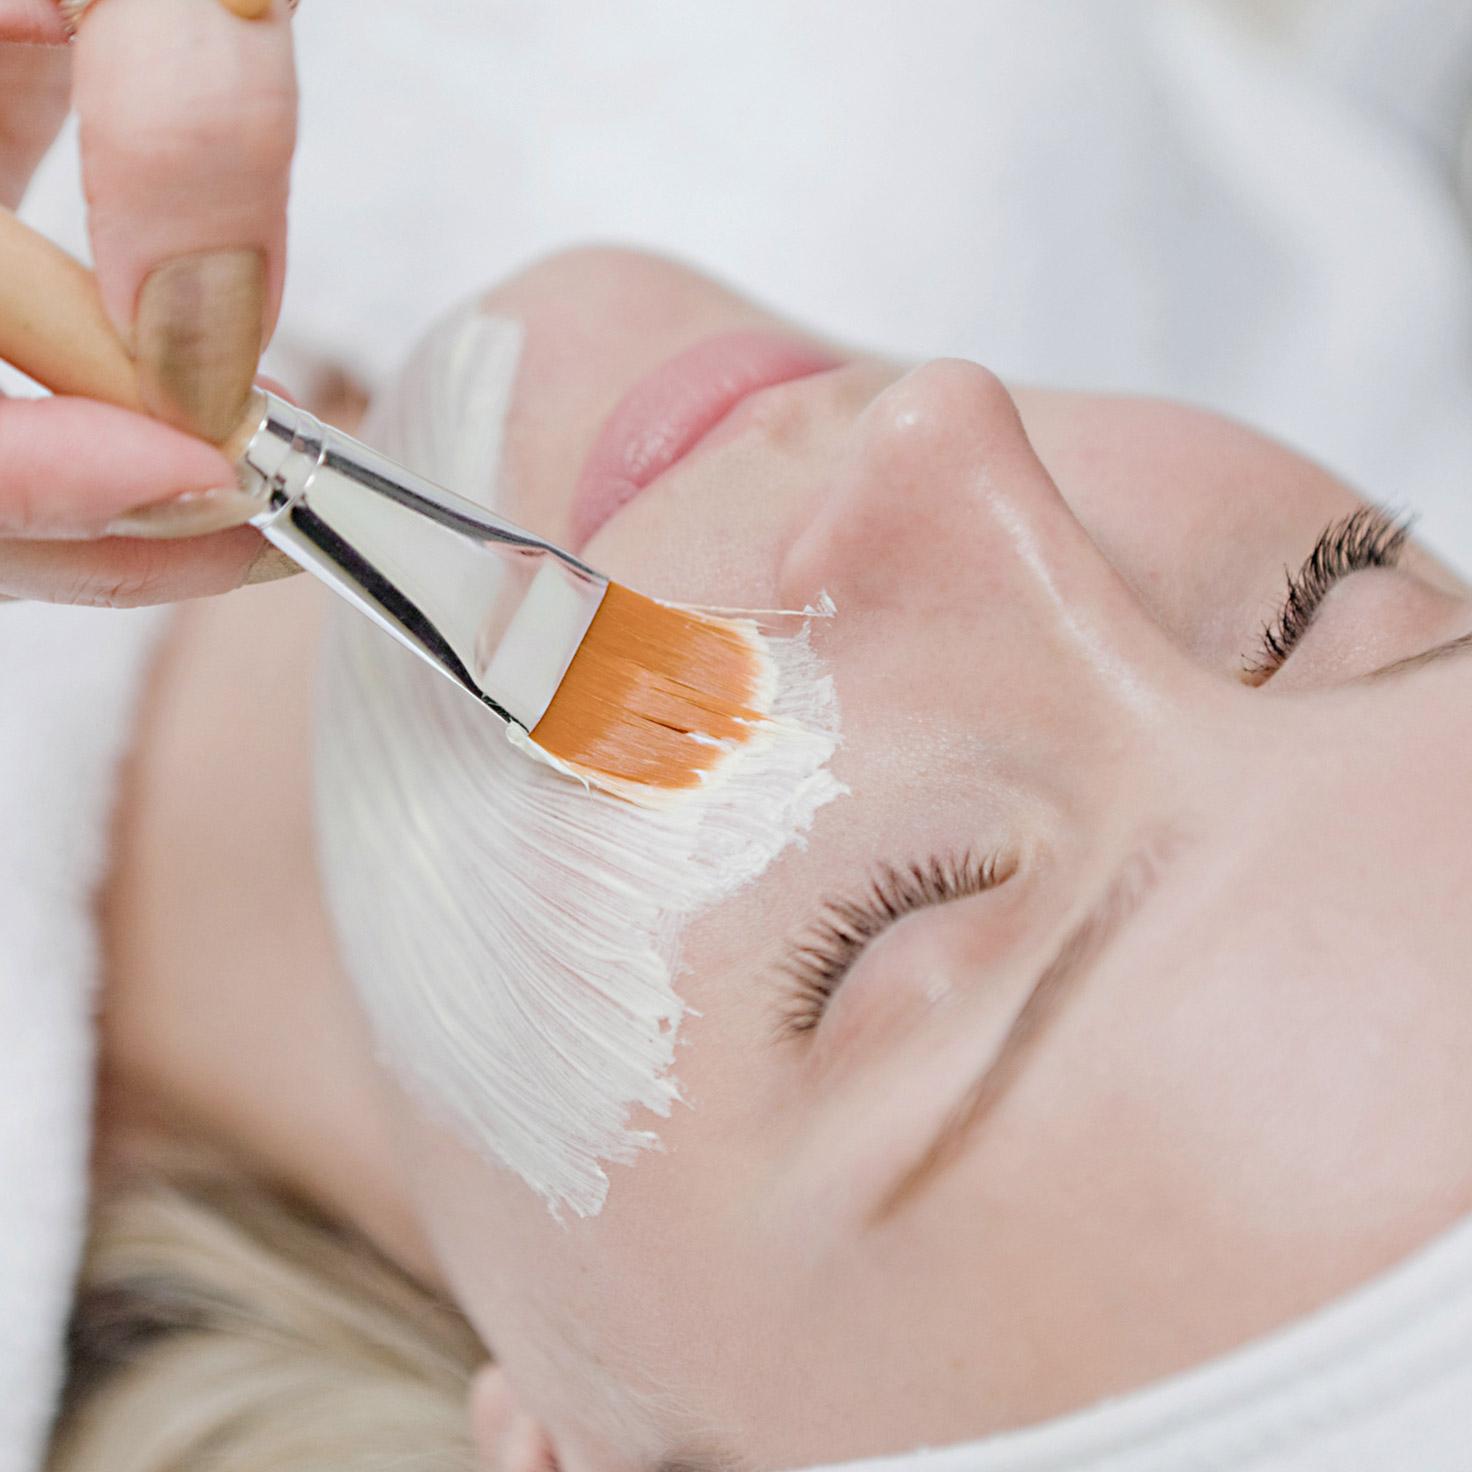 facials gezichtsbehandelingen de juiste keus voor jou lees de rh treatwell nl